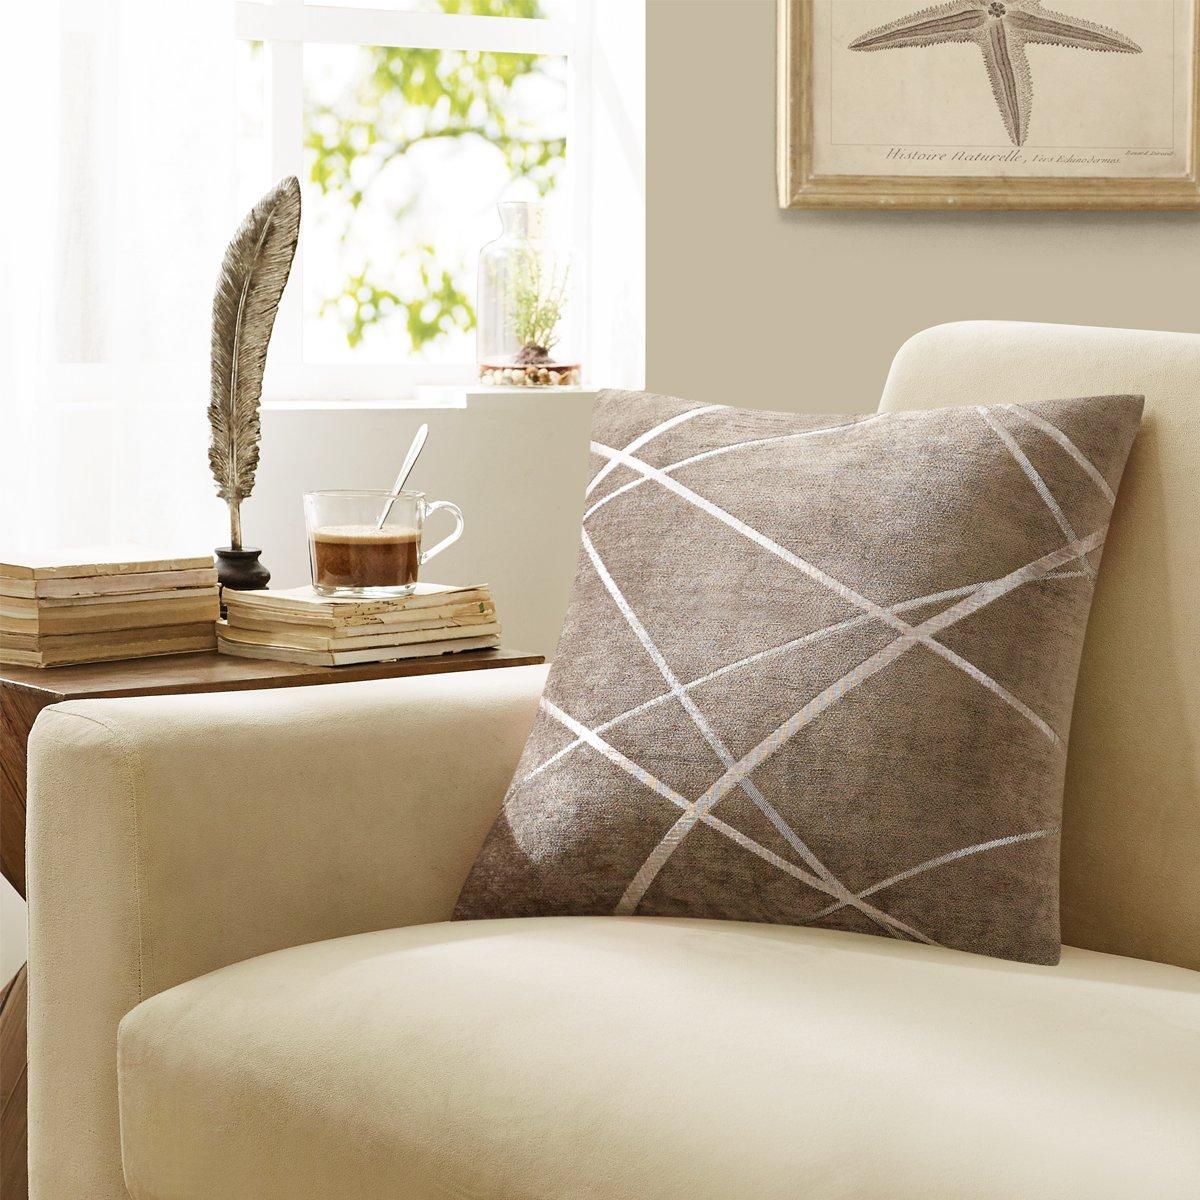 HONBAY Sofa Seat Cushion Fully Expanded Cushion Washable Fabric Seat Cushion Beige